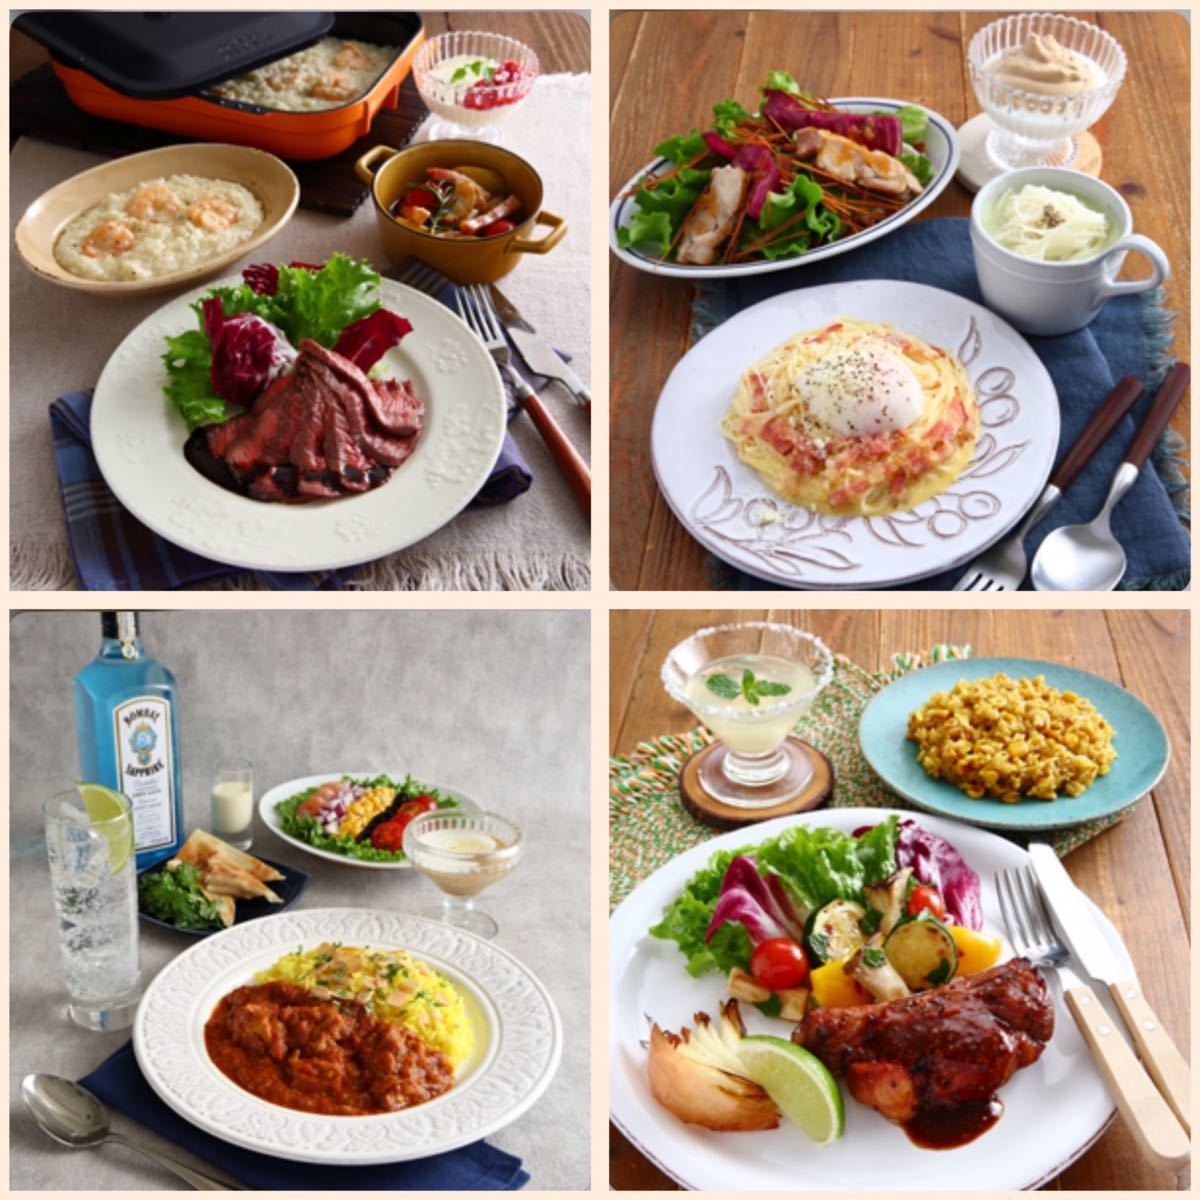 【料理4種レシピ】abcクッキング 1day LESSON レシピ